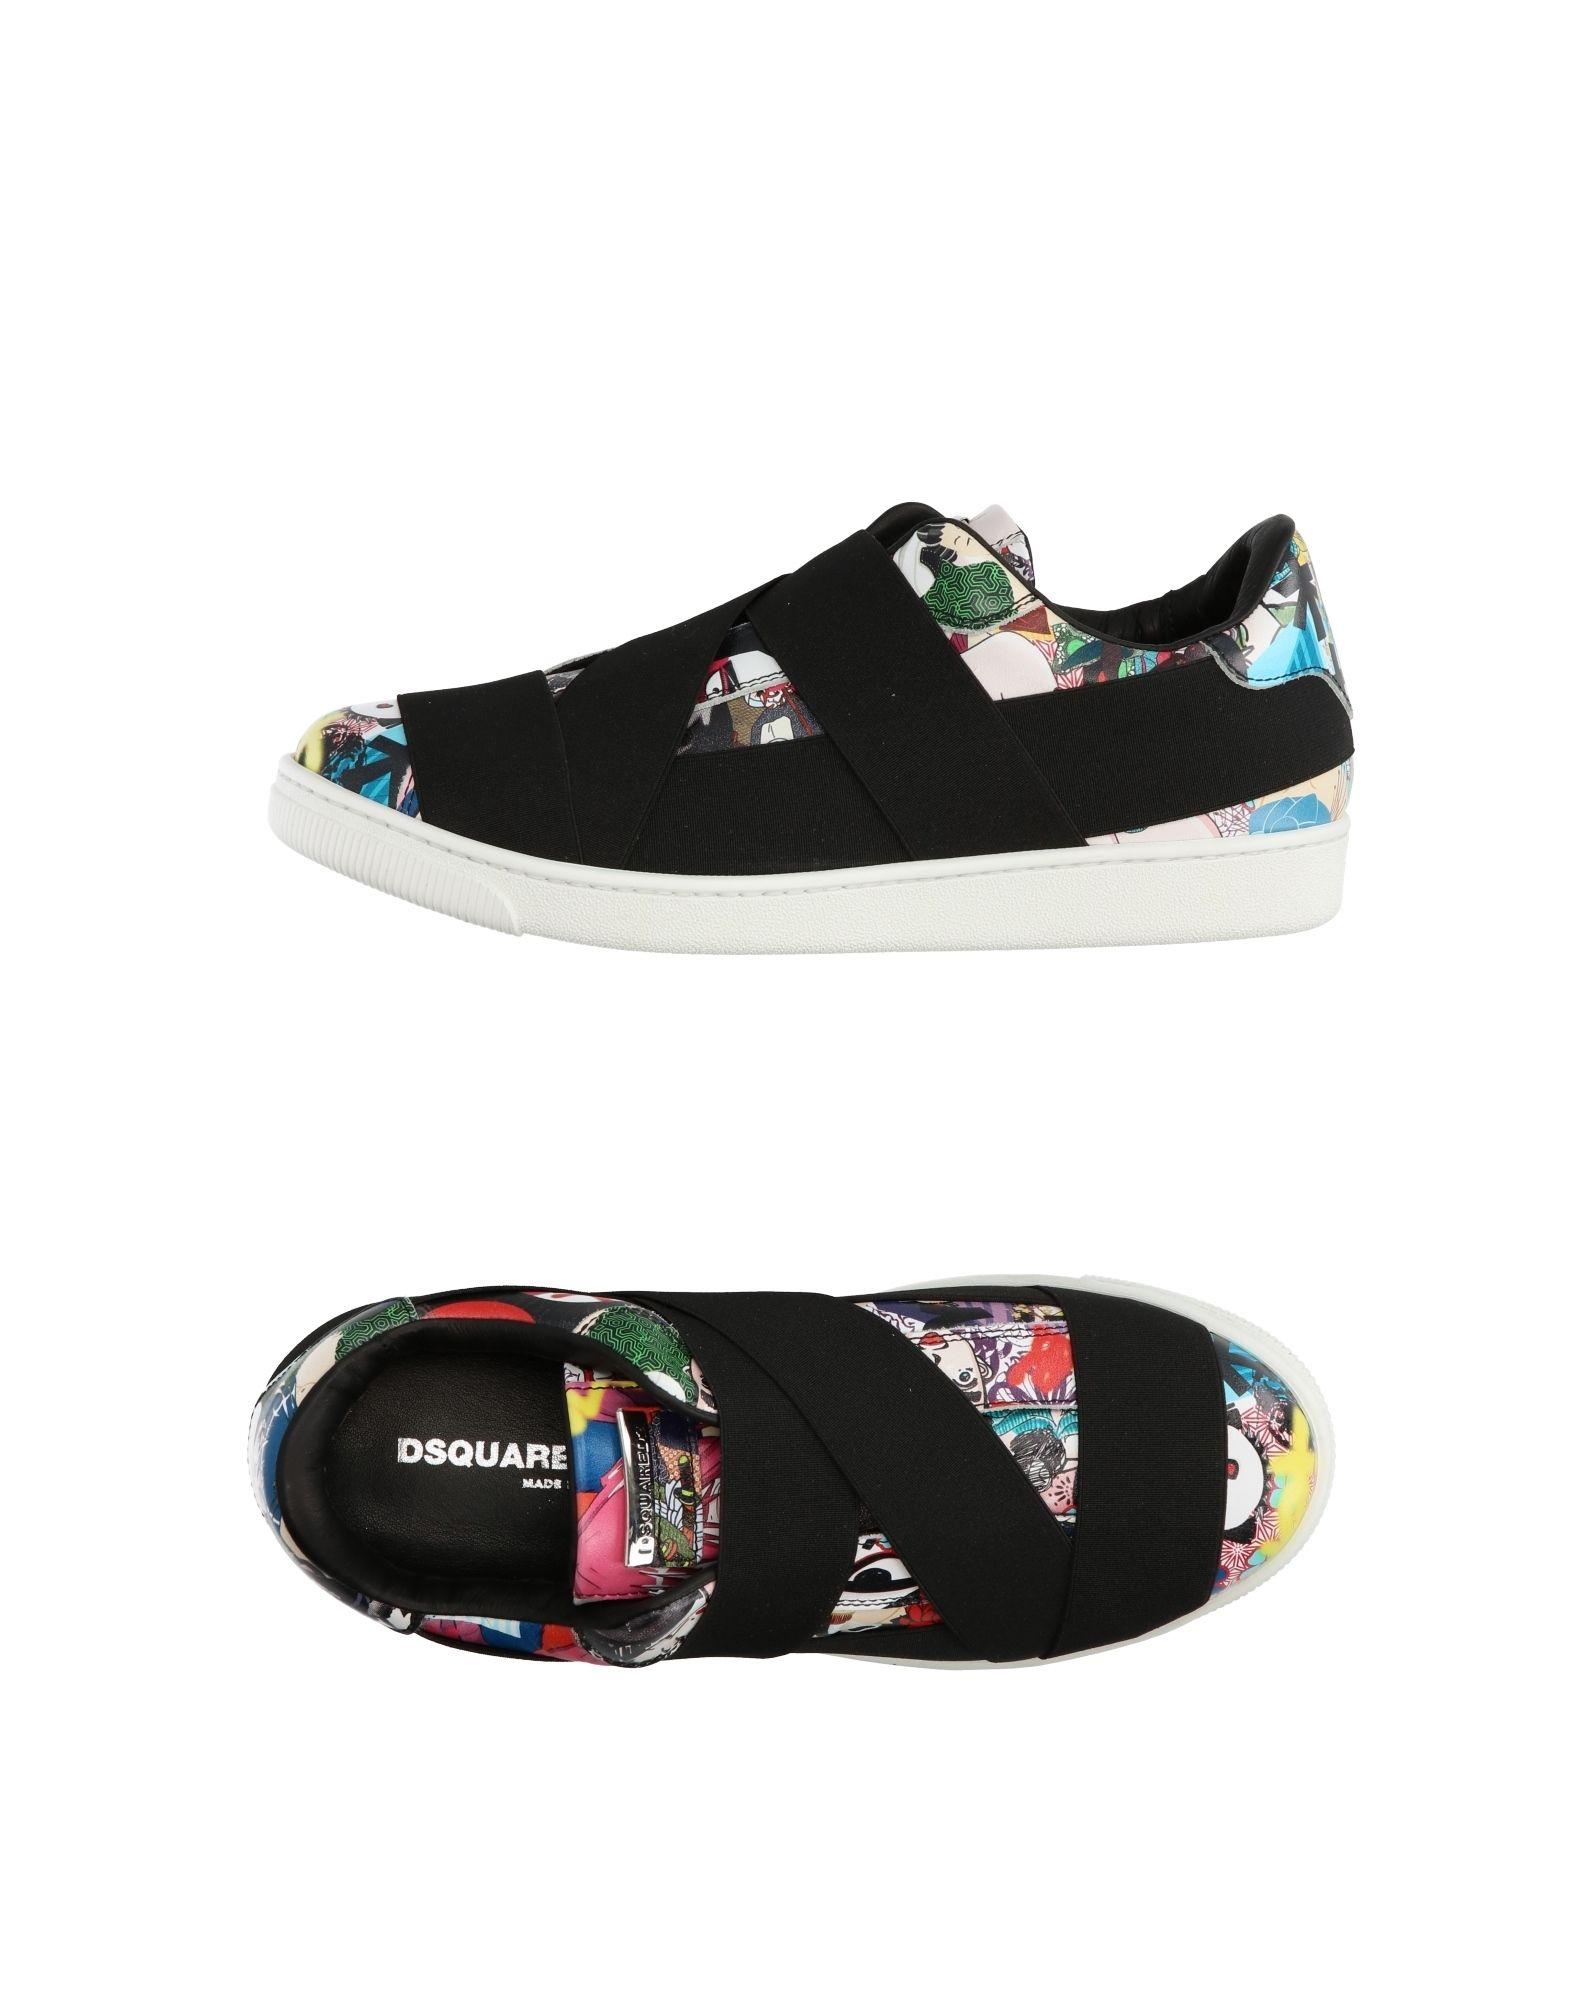 Dsquared2 Sneakers Herren Herren Sneakers  11298629XK Gute Qualität beliebte Schuhe 542023